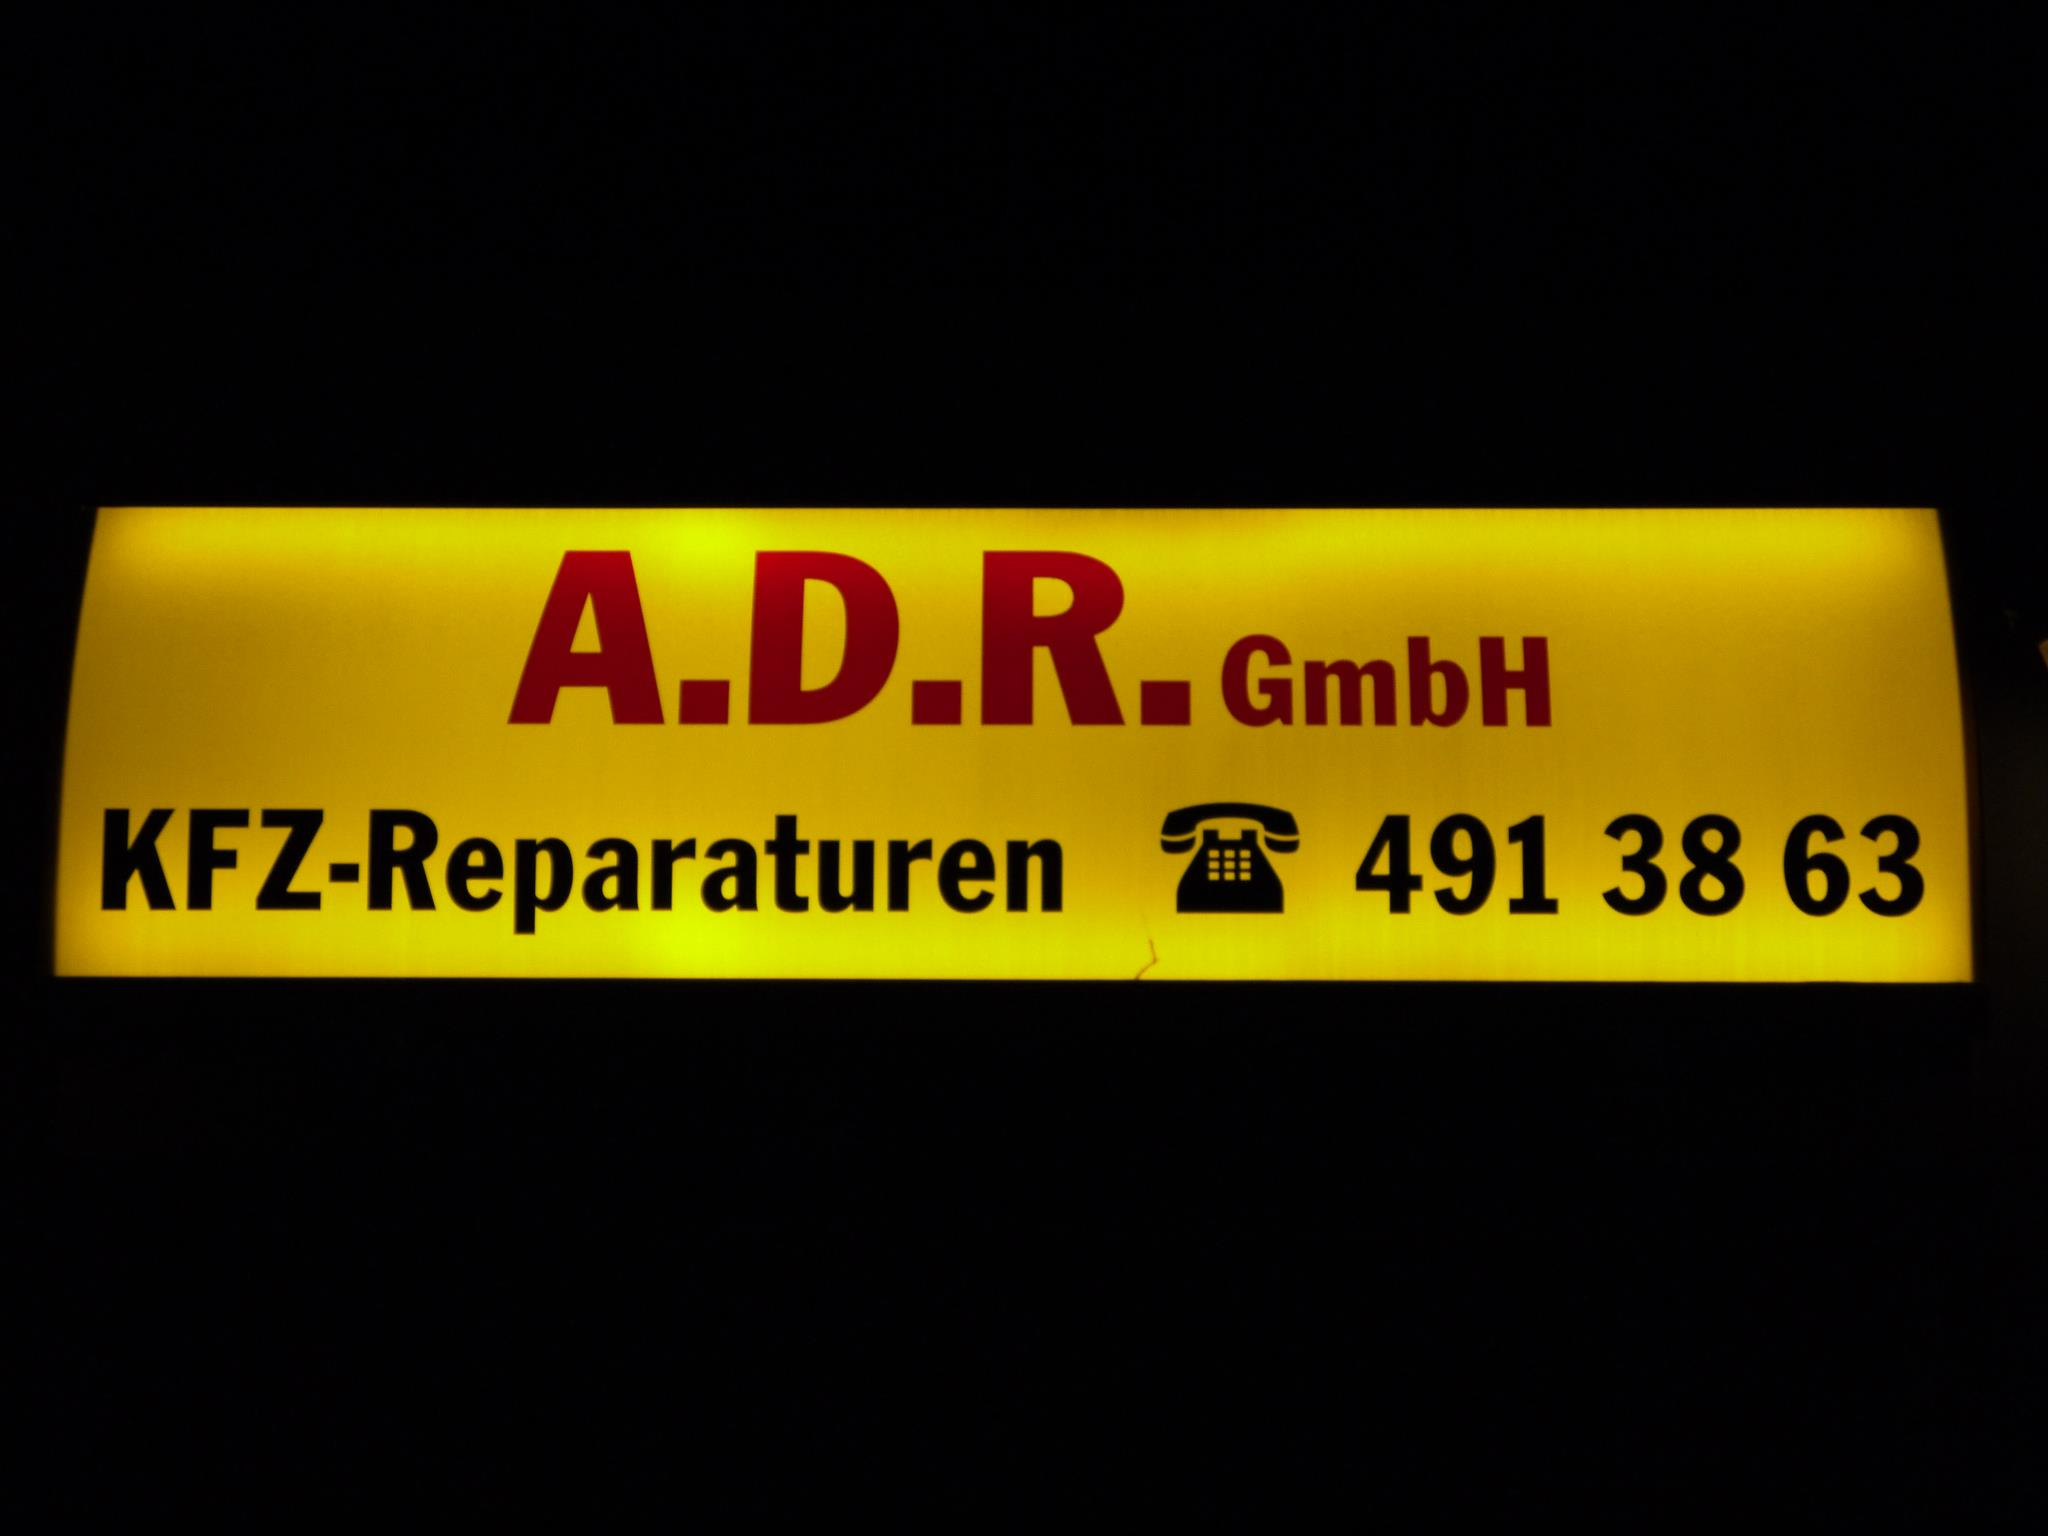 A.D.R. Auto-Dienst GmbH Reinickendorf logo